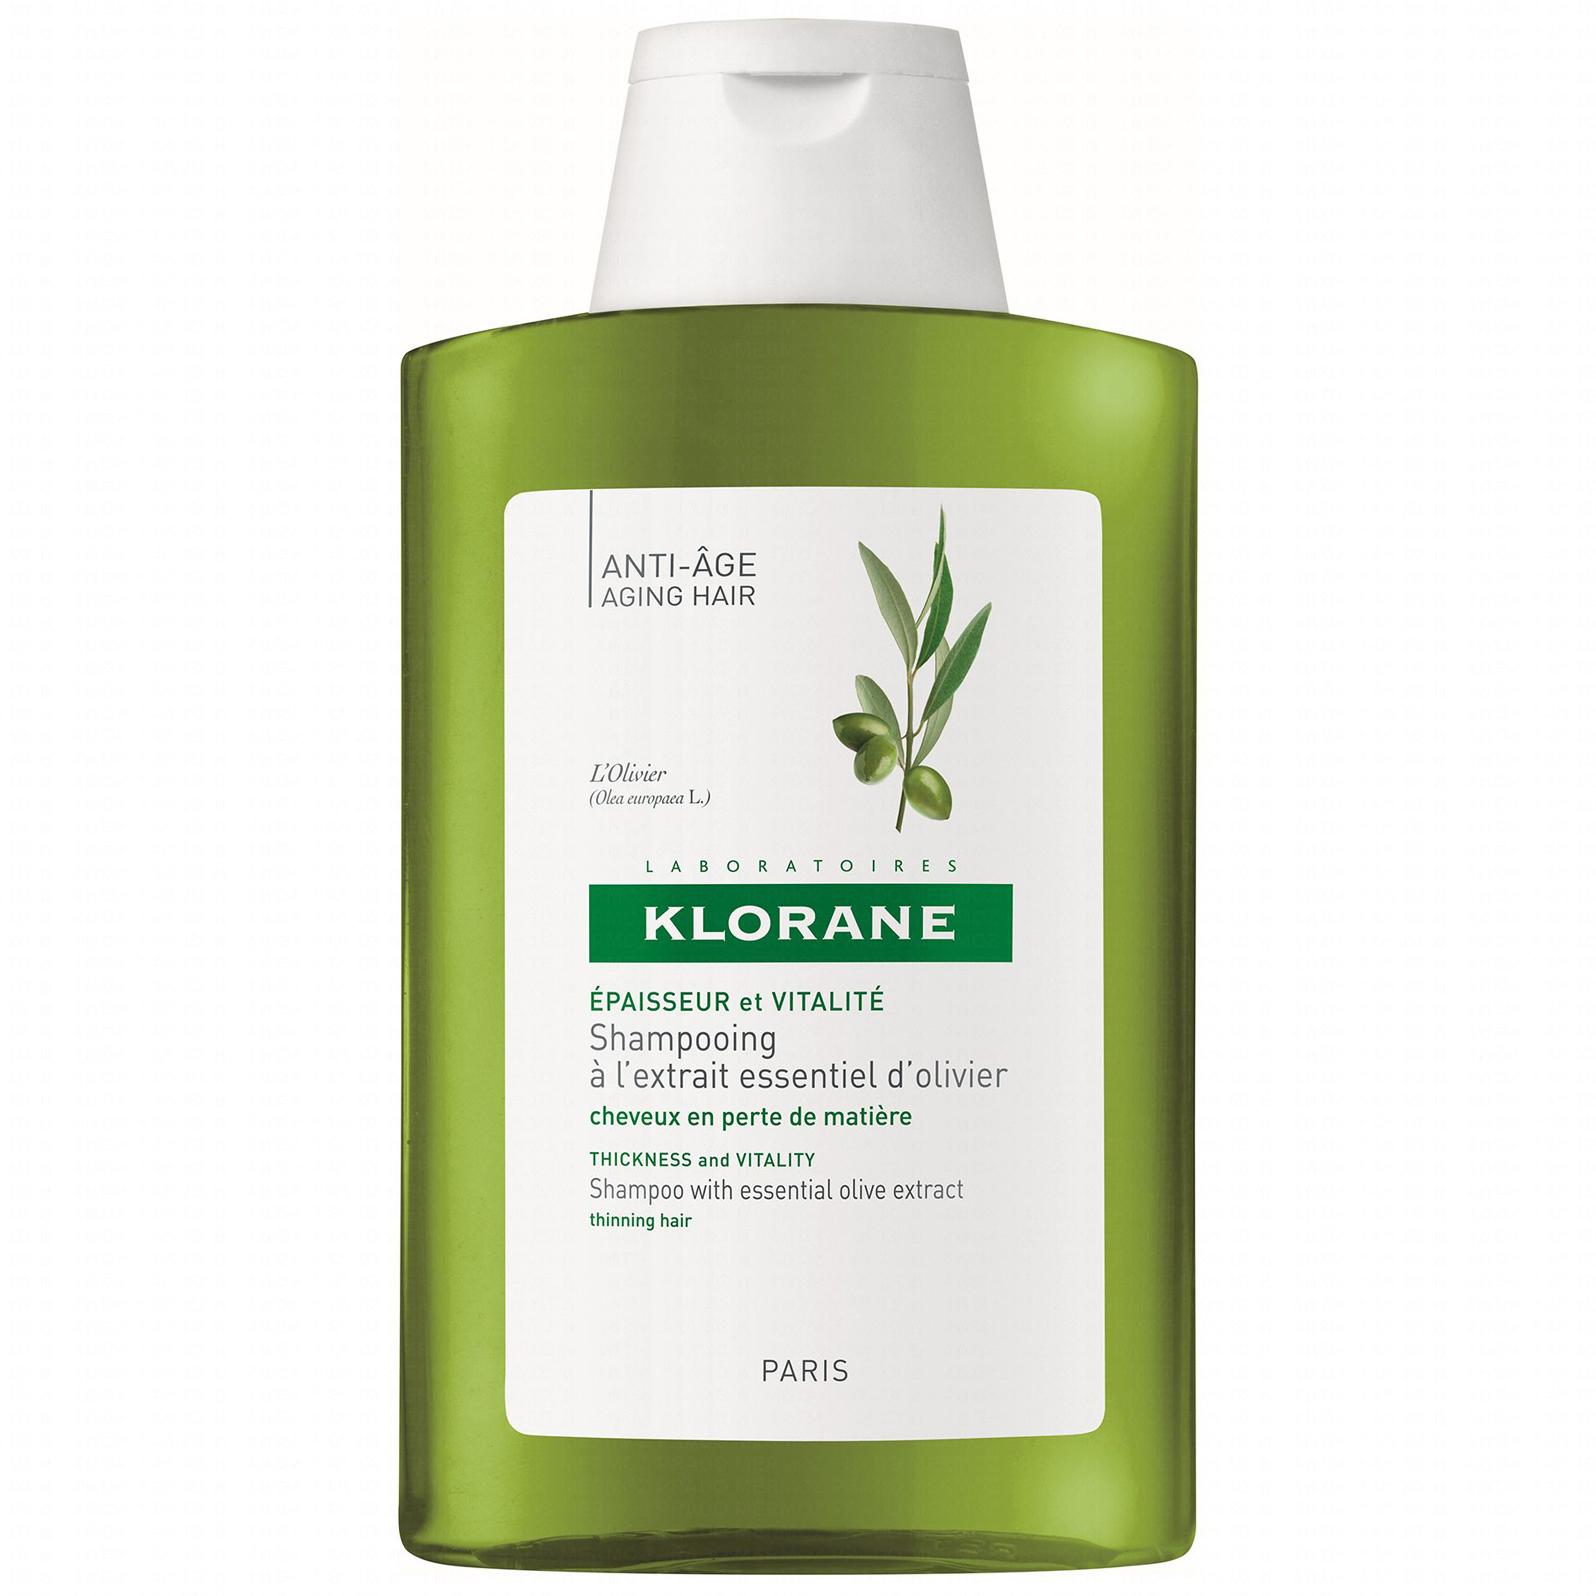 Klorane Shampooing A LExtrait Essentiel DOlivier Σαμπουάν Με Ελιά Αντιγήρανση Μαλλιών 400ml